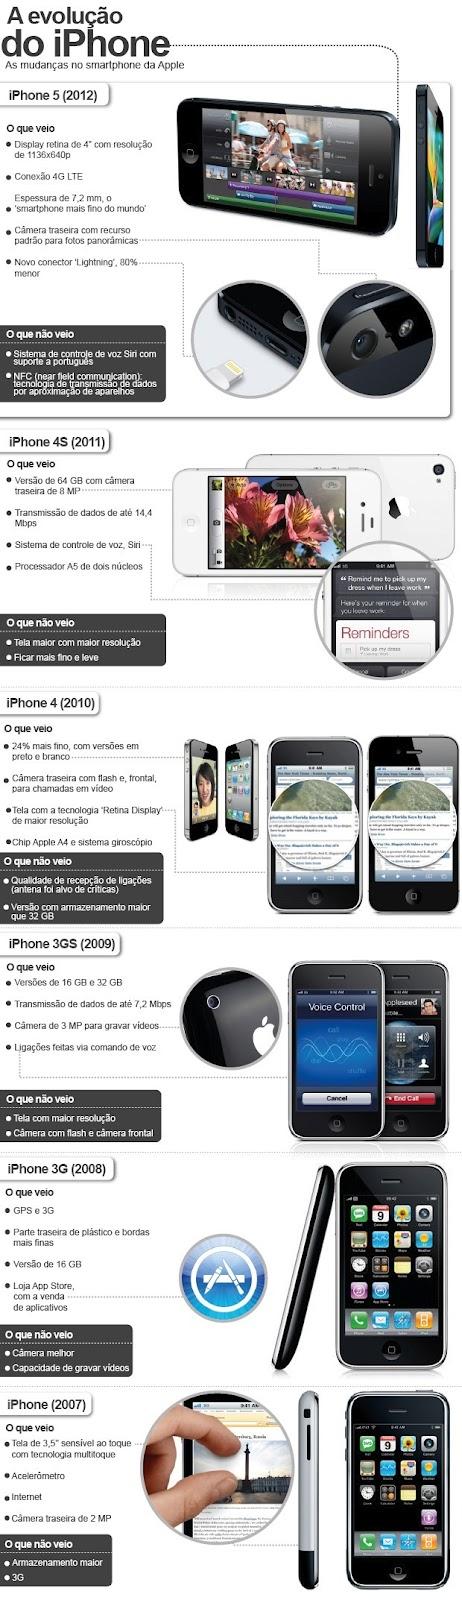 infográfico a evolução do iphone